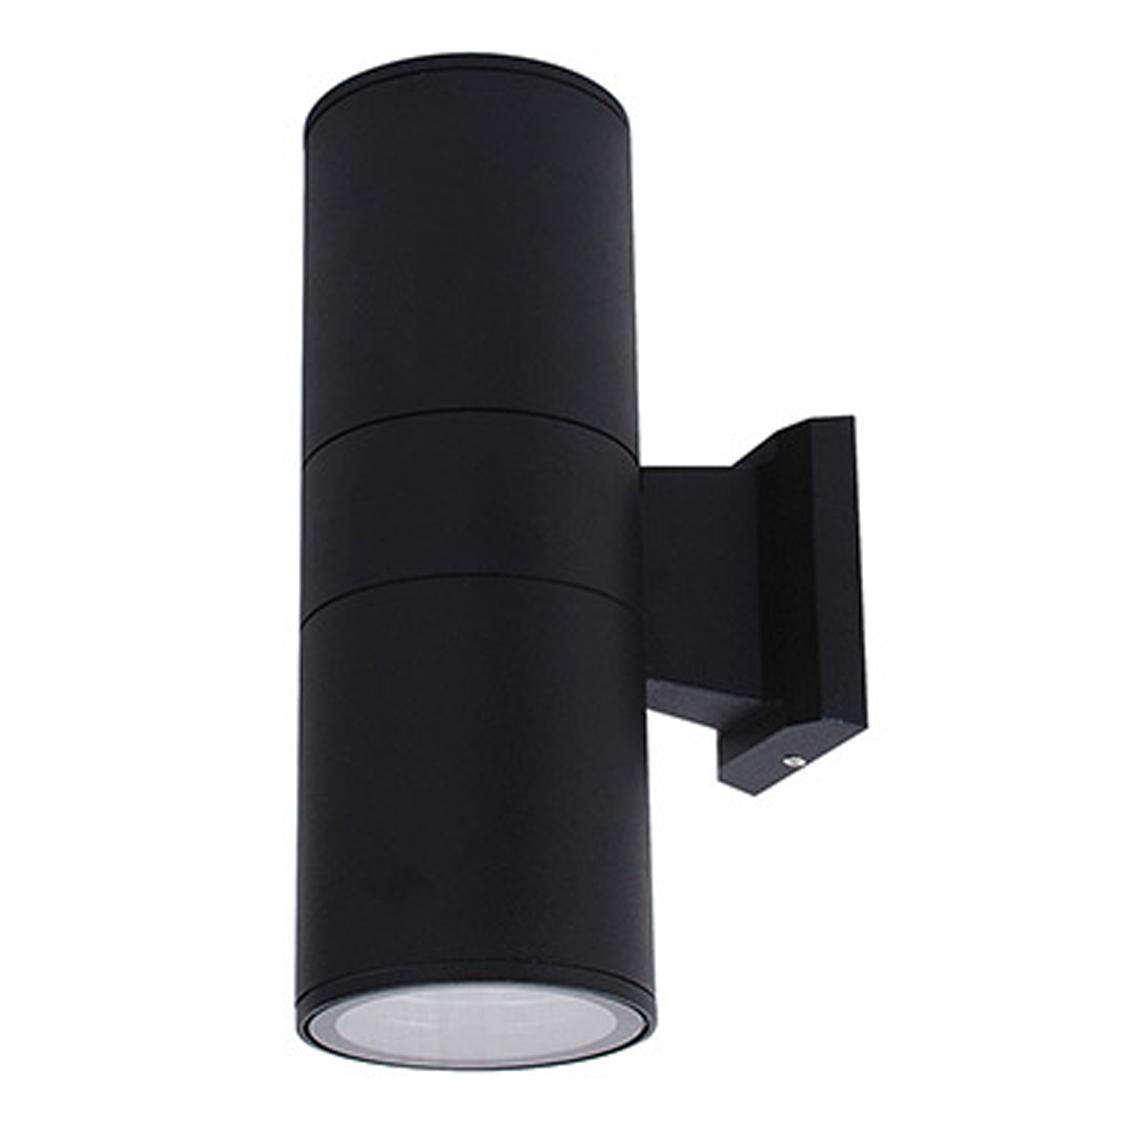 Vrtna lampa svjetiljka GU10 HL 267 MANOLYA-3 Horoz Elektro Vukojevic